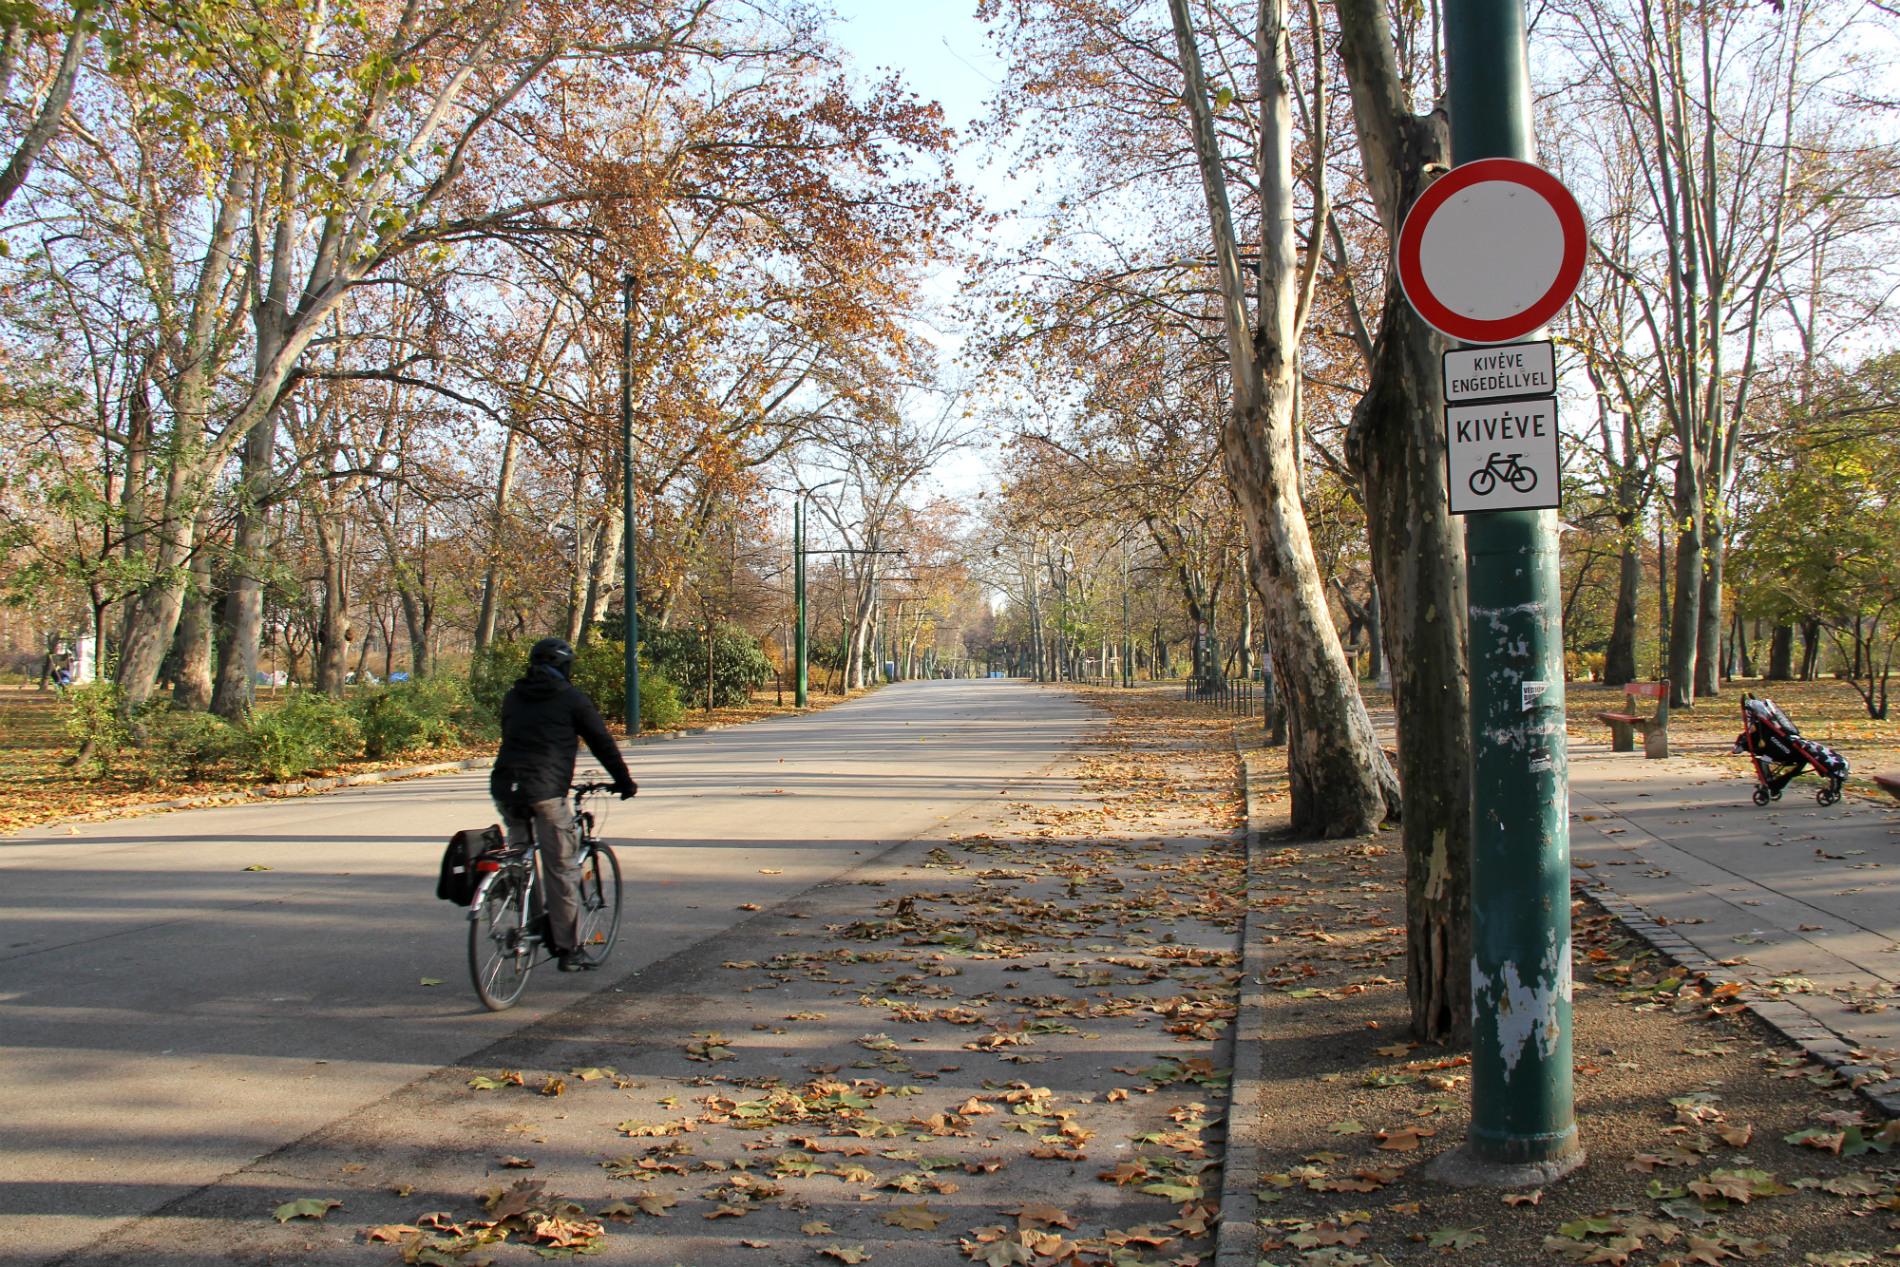 Mégis lezárnák az Olof Palme sétányt, és más közlekedési gondok a Városligetnél